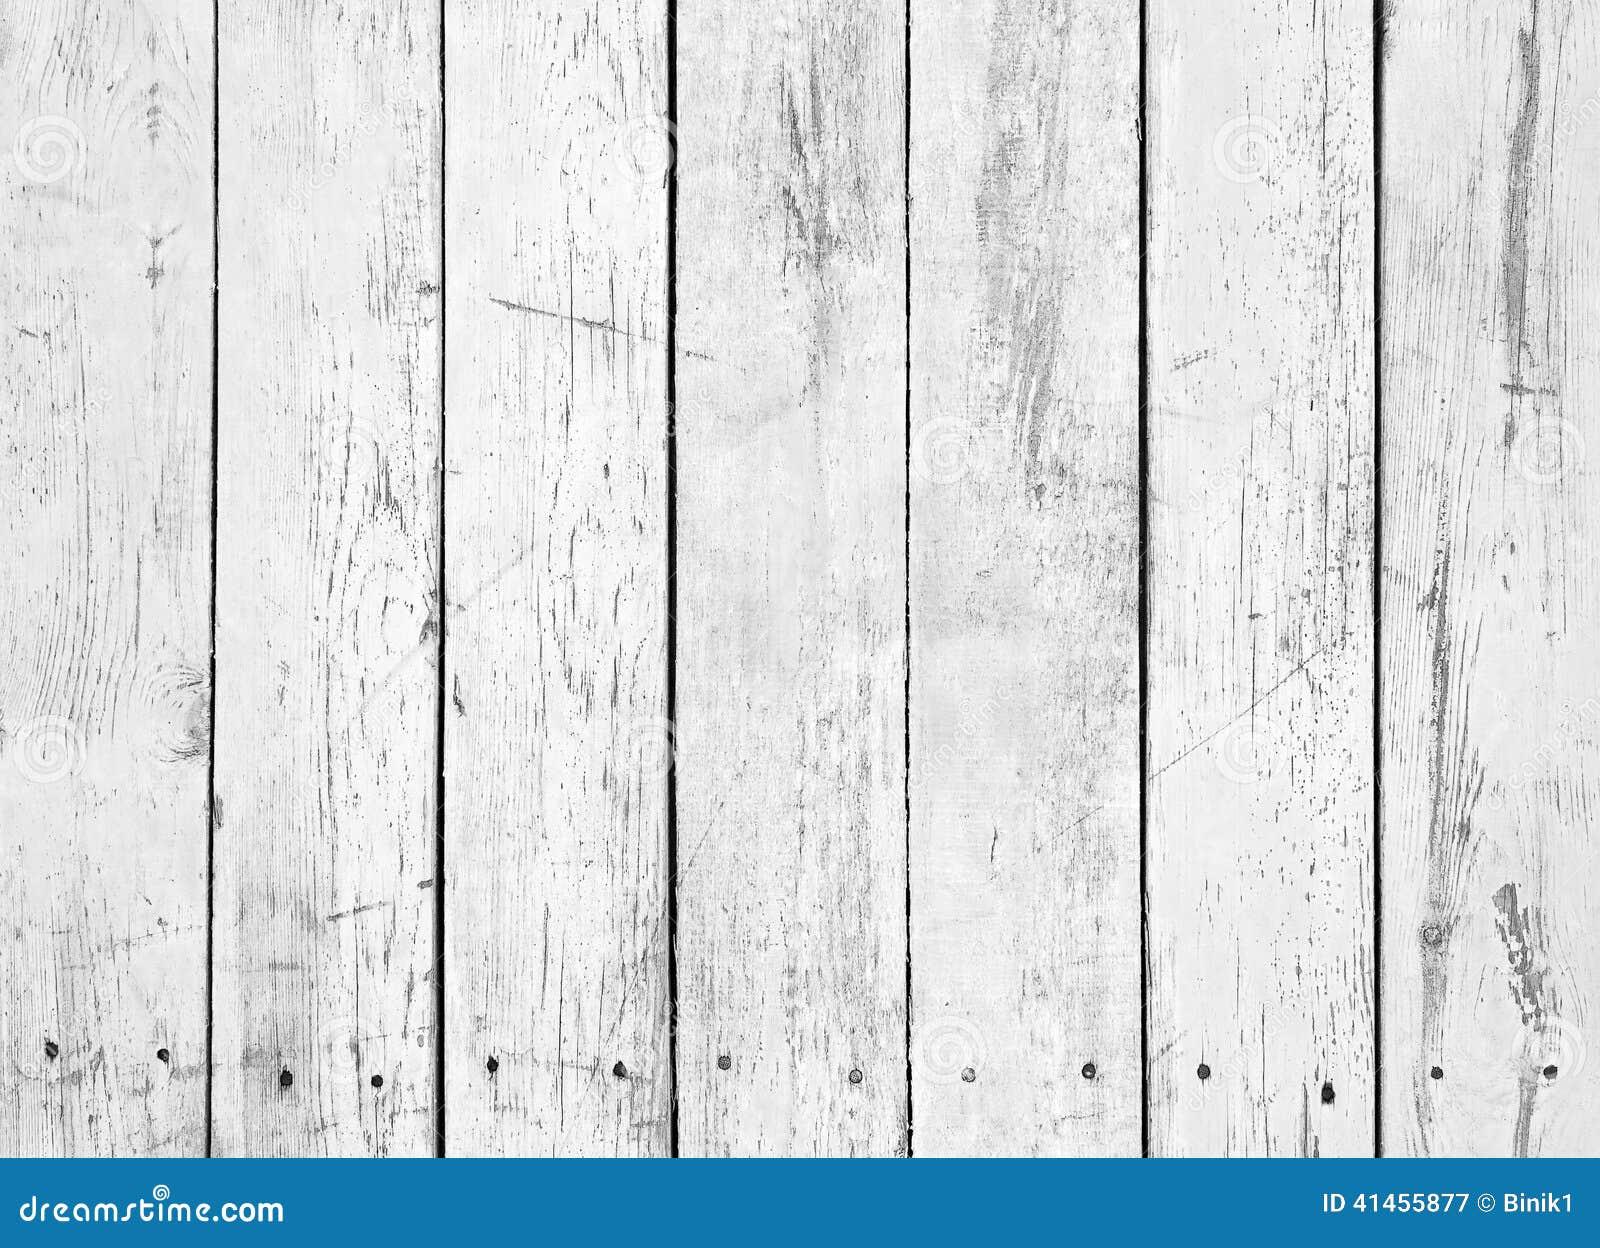 Fond noir et blanc de planche en bois photo stock image for Planche bois noir